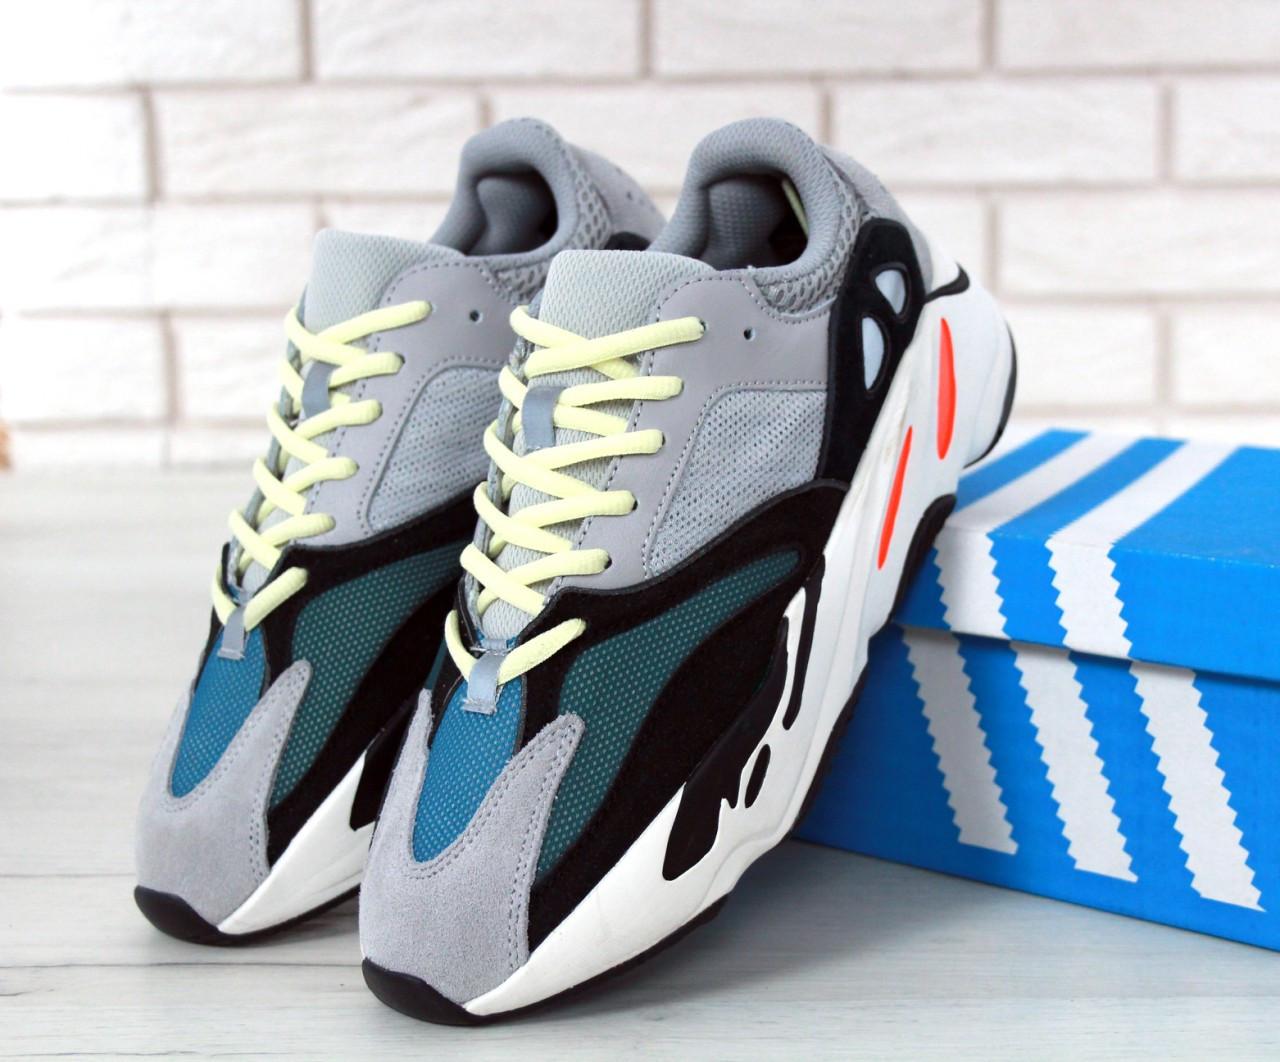 Мужские кроссовки Adidas Yeezy Boost 700